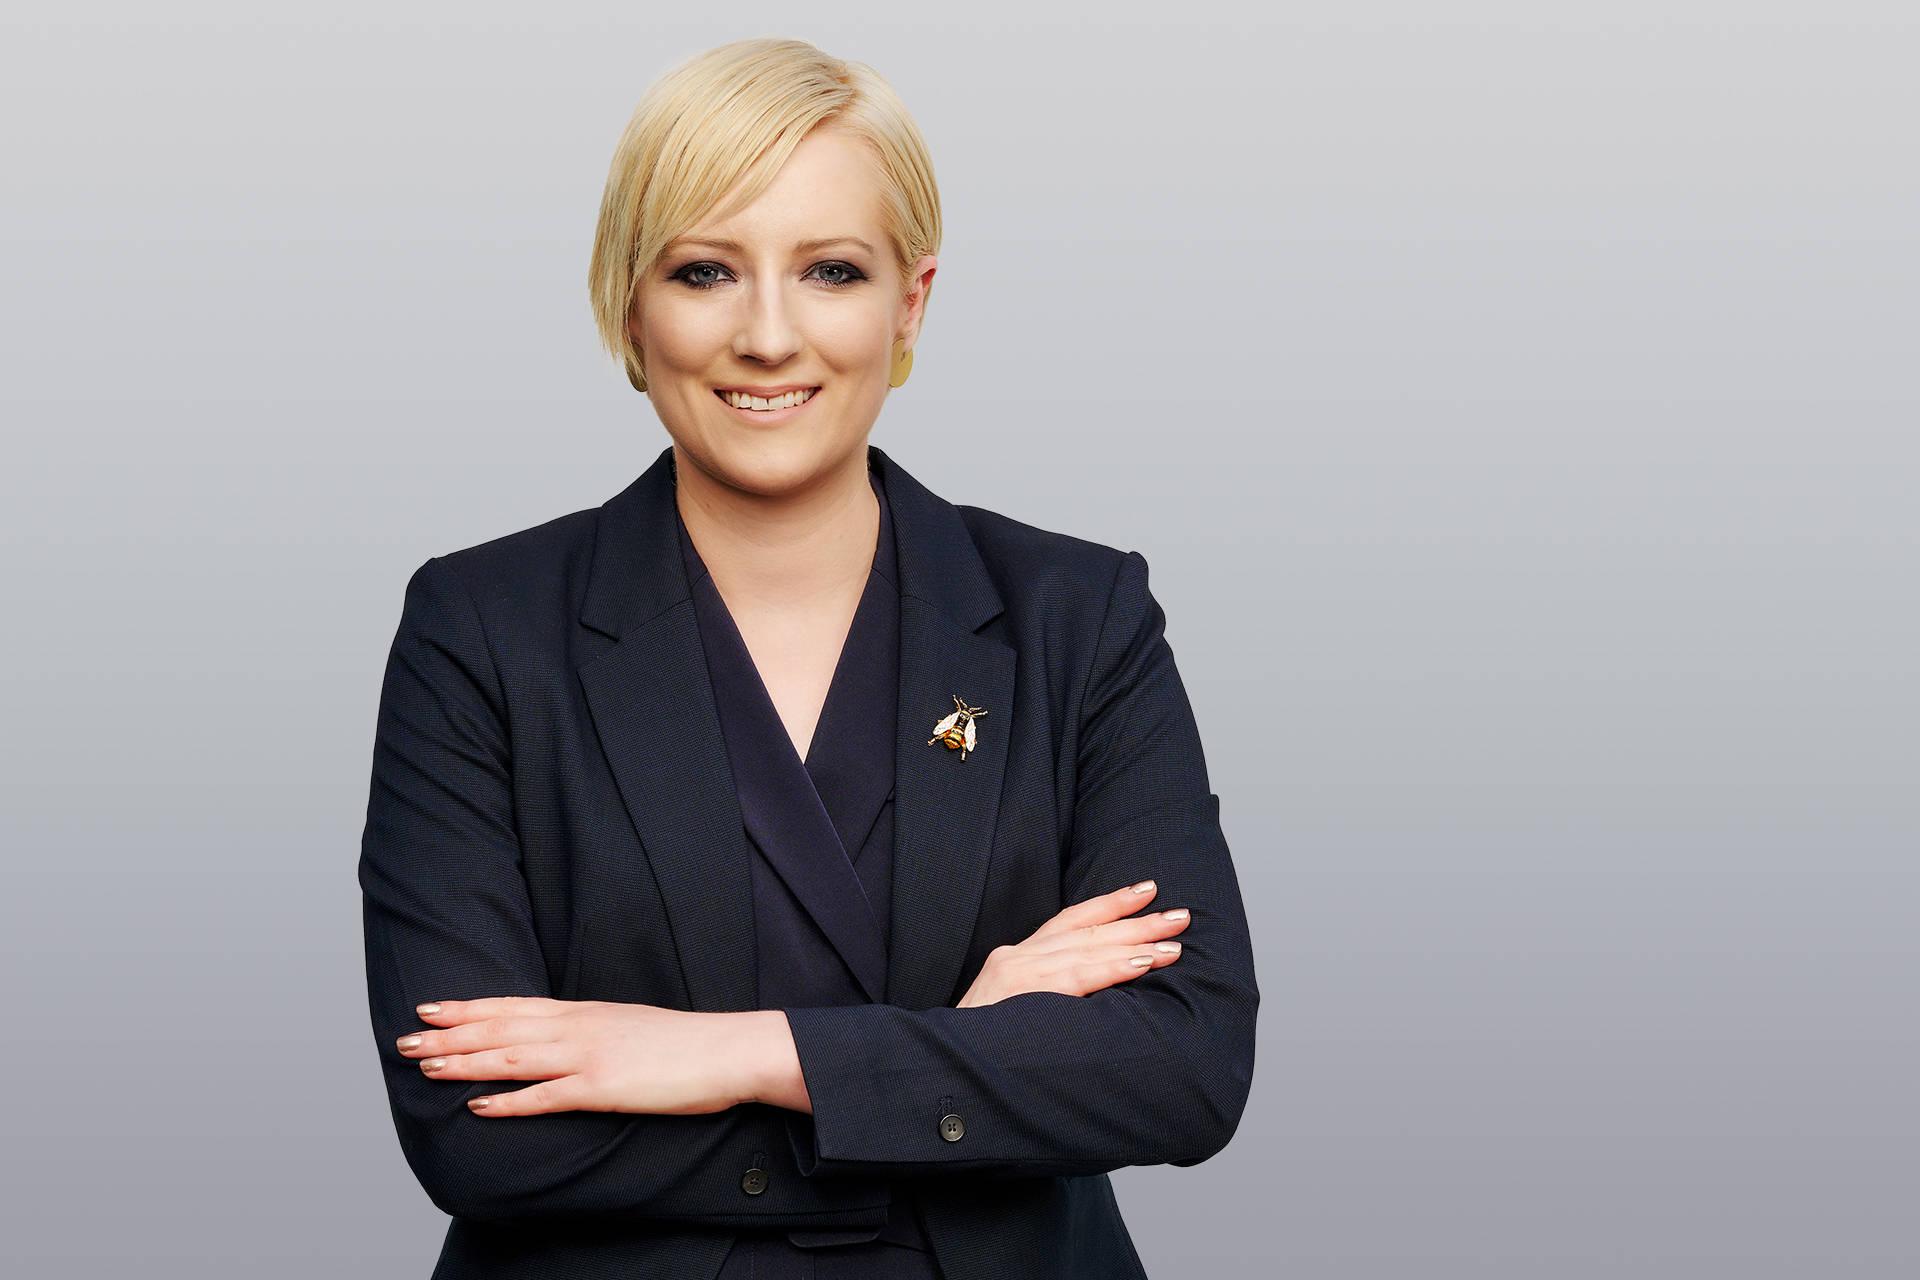 Rechtsanwältin Julia Mittermeier